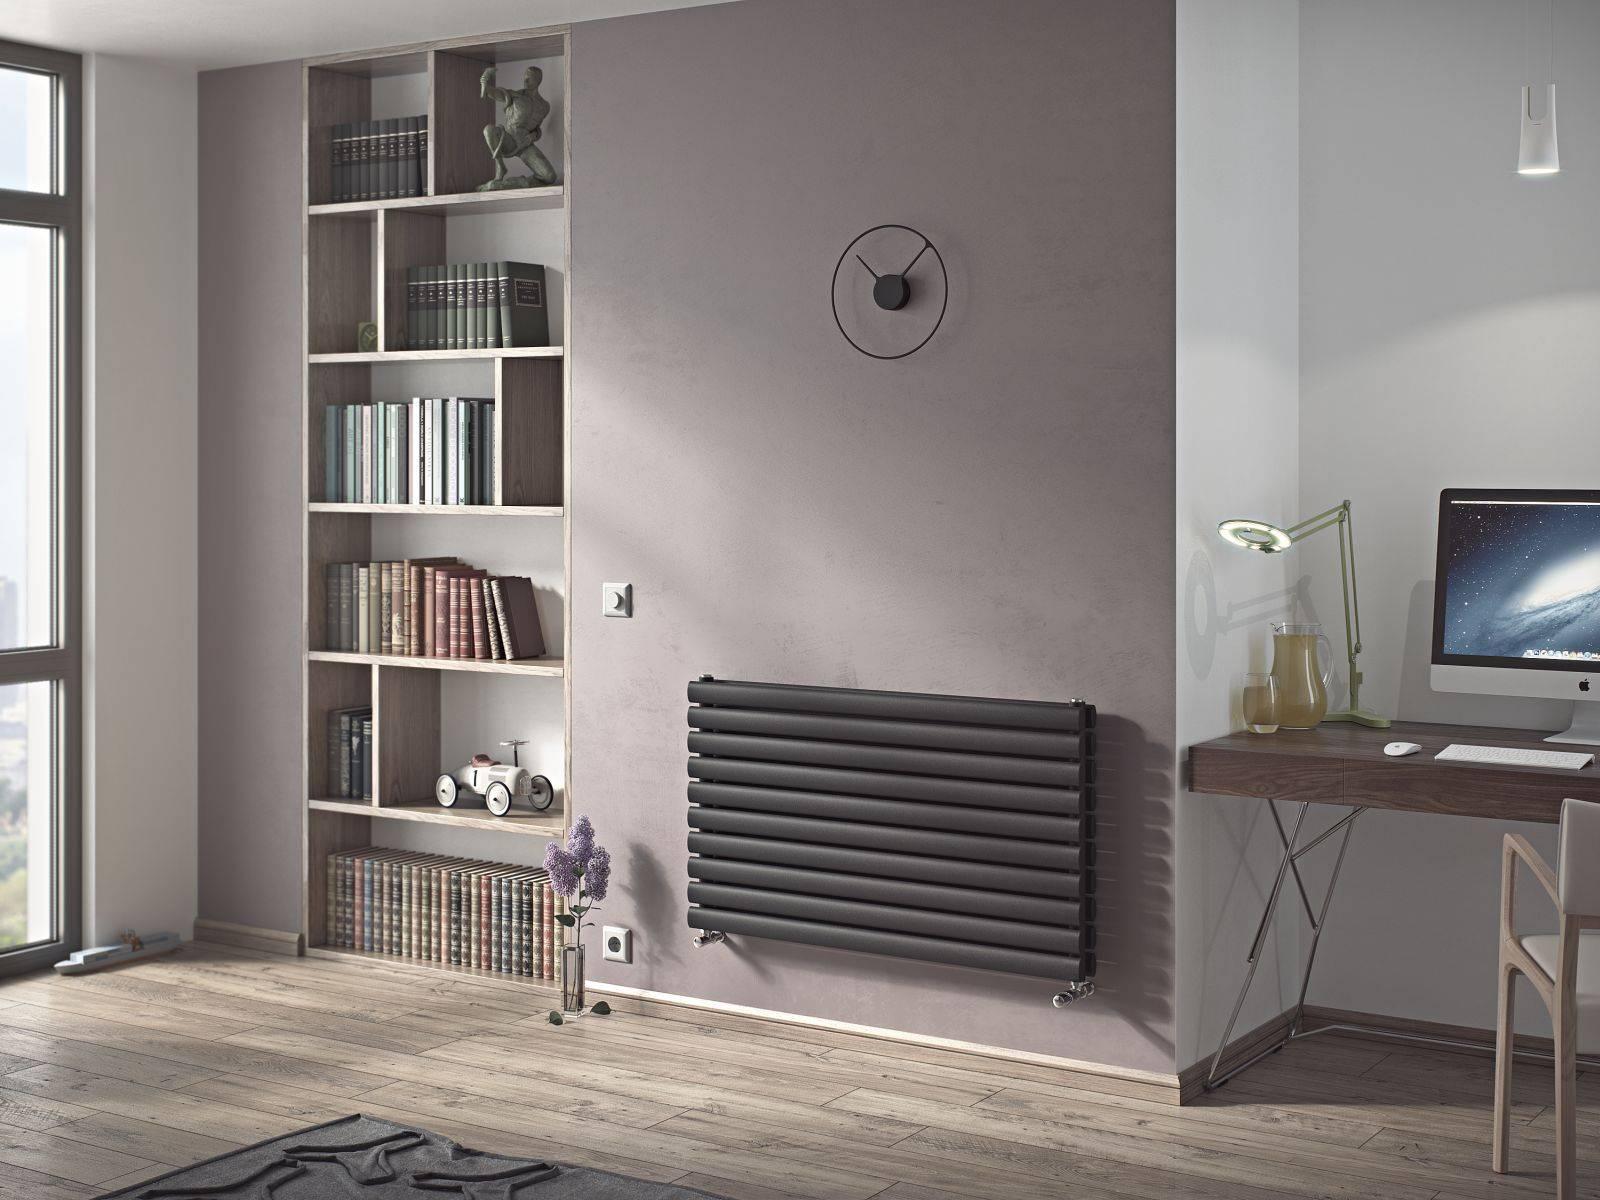 Радиаторы отопления: какие лучше выбрать для квартиры или частного дома